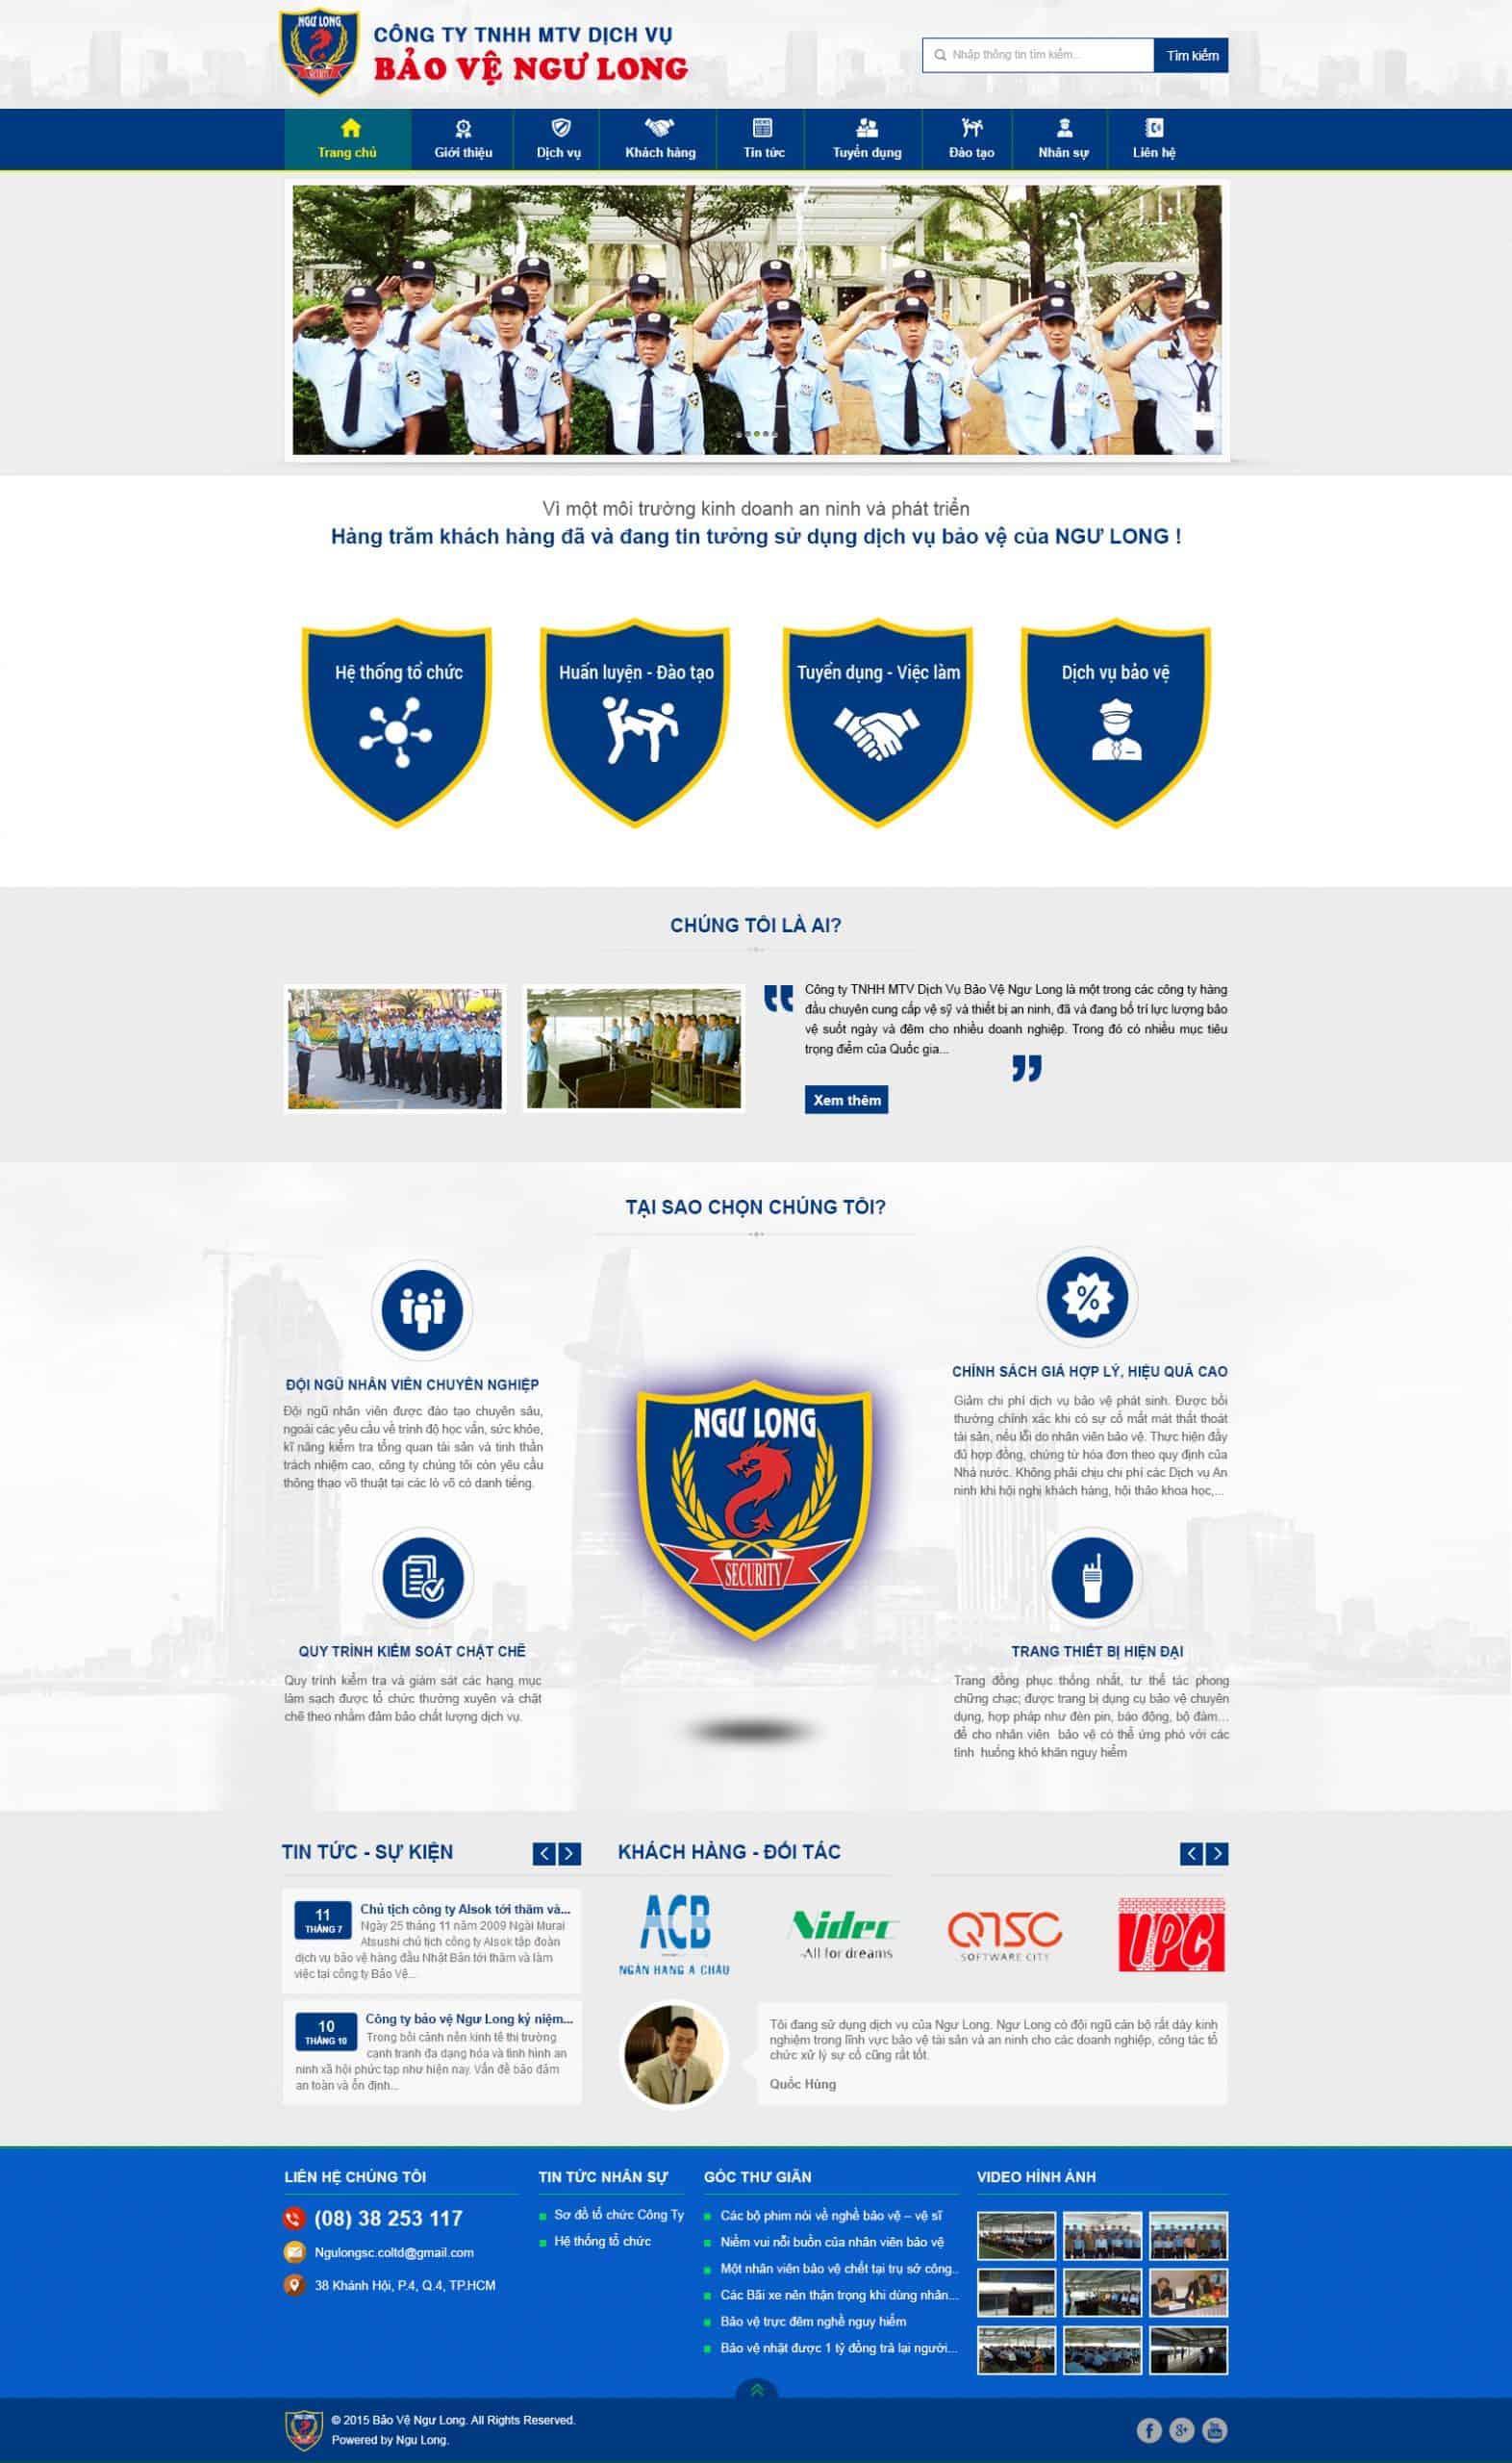 Thiết kế website Thiết kế website dịch vụ bao ve ngu long